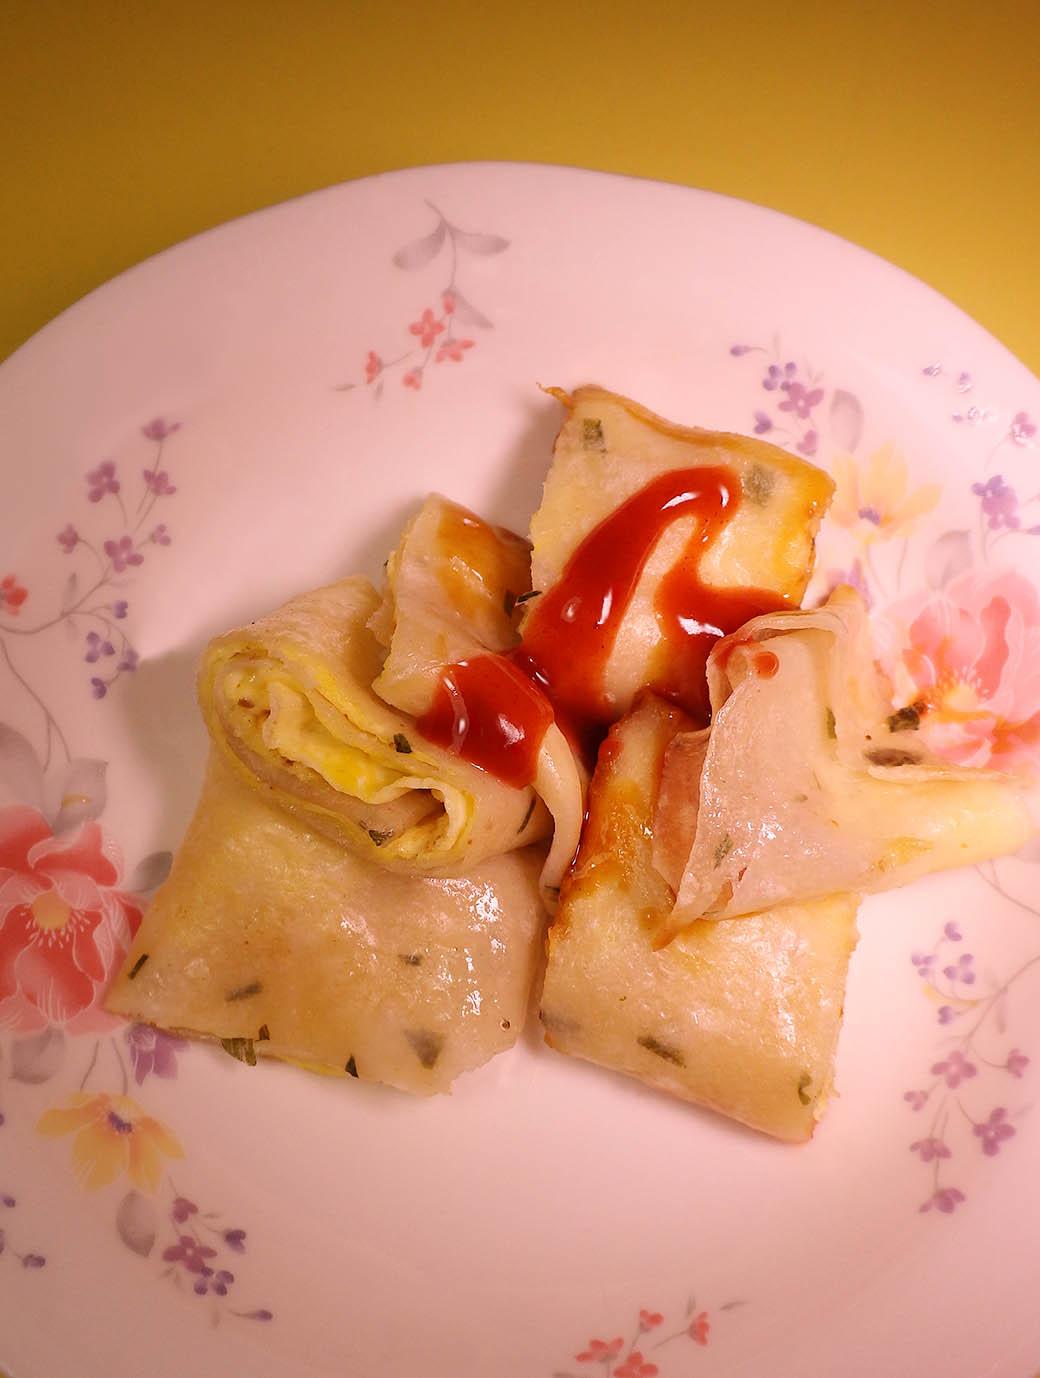 【阿彰の台湾写真紀行】蛋餅(タンピン)